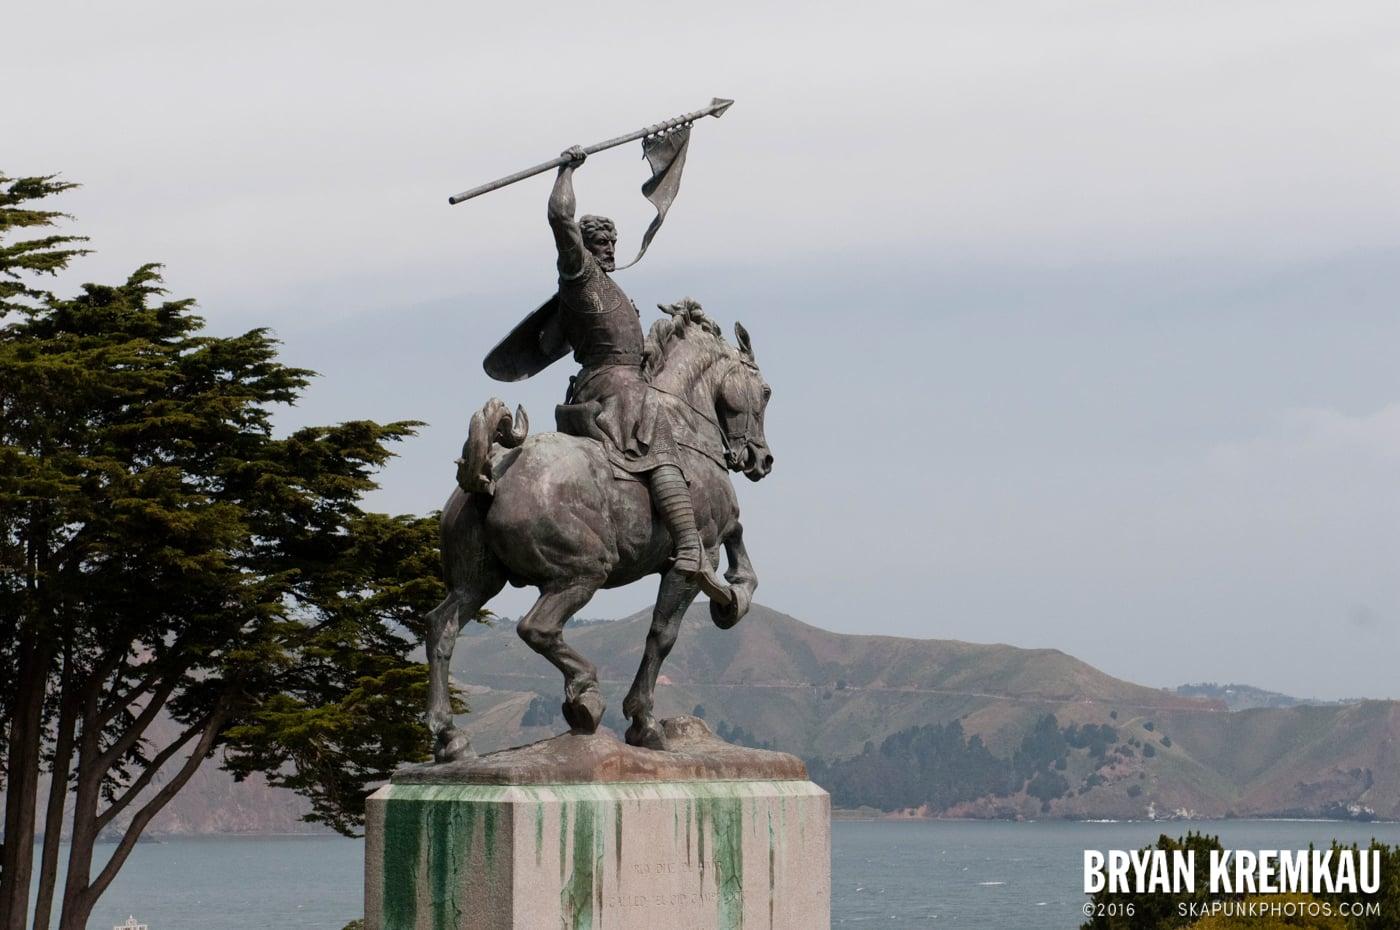 San Francisco Vacation - Day 5 - 5.2.12 (1)